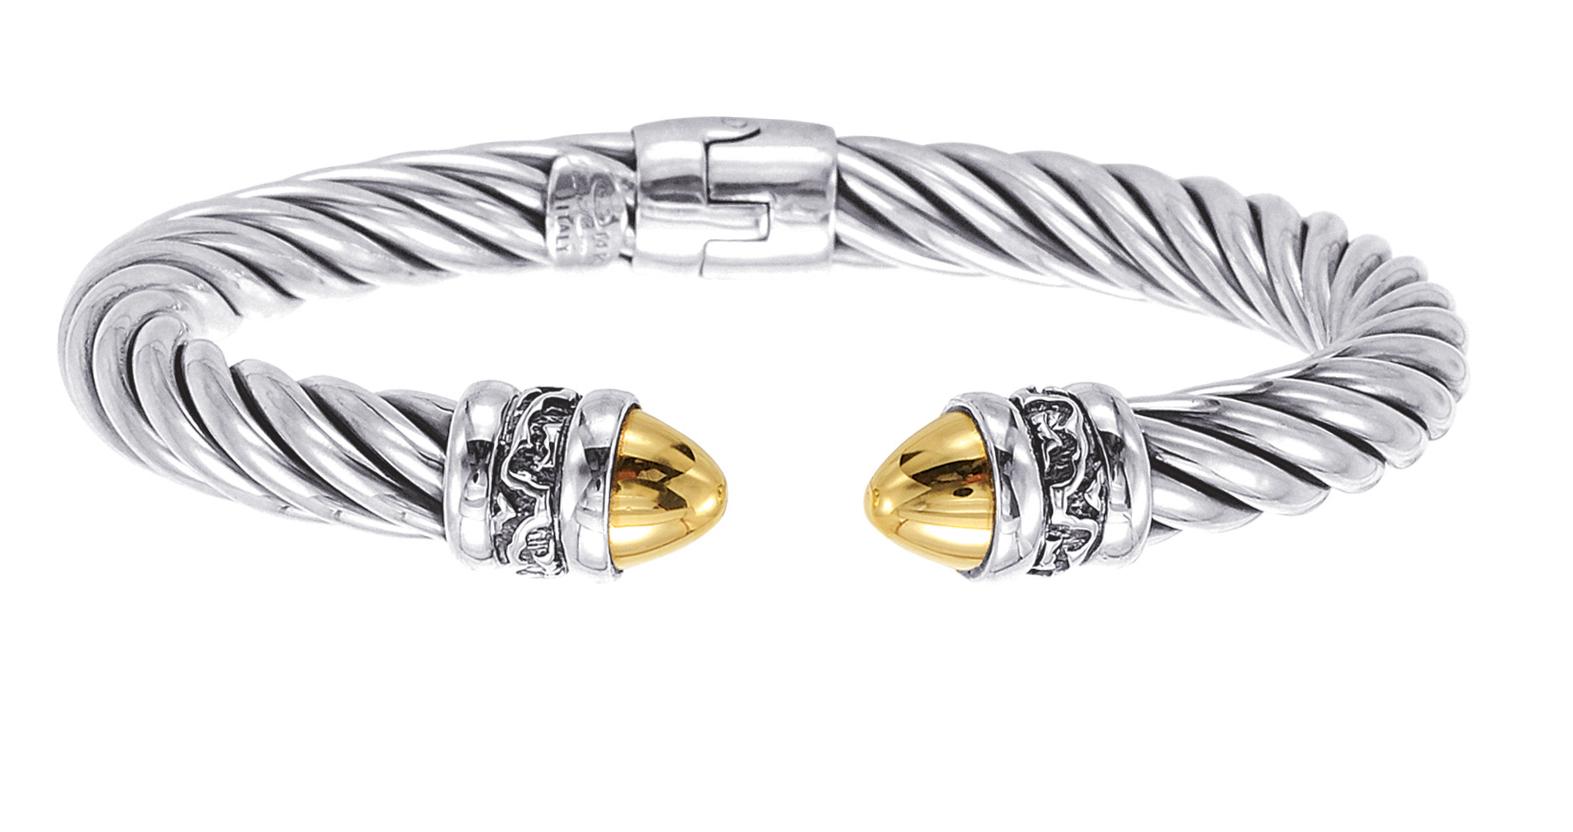 Alesandro Menegati 14K Gold & Sterling Silver Bangle. Price: $539.00